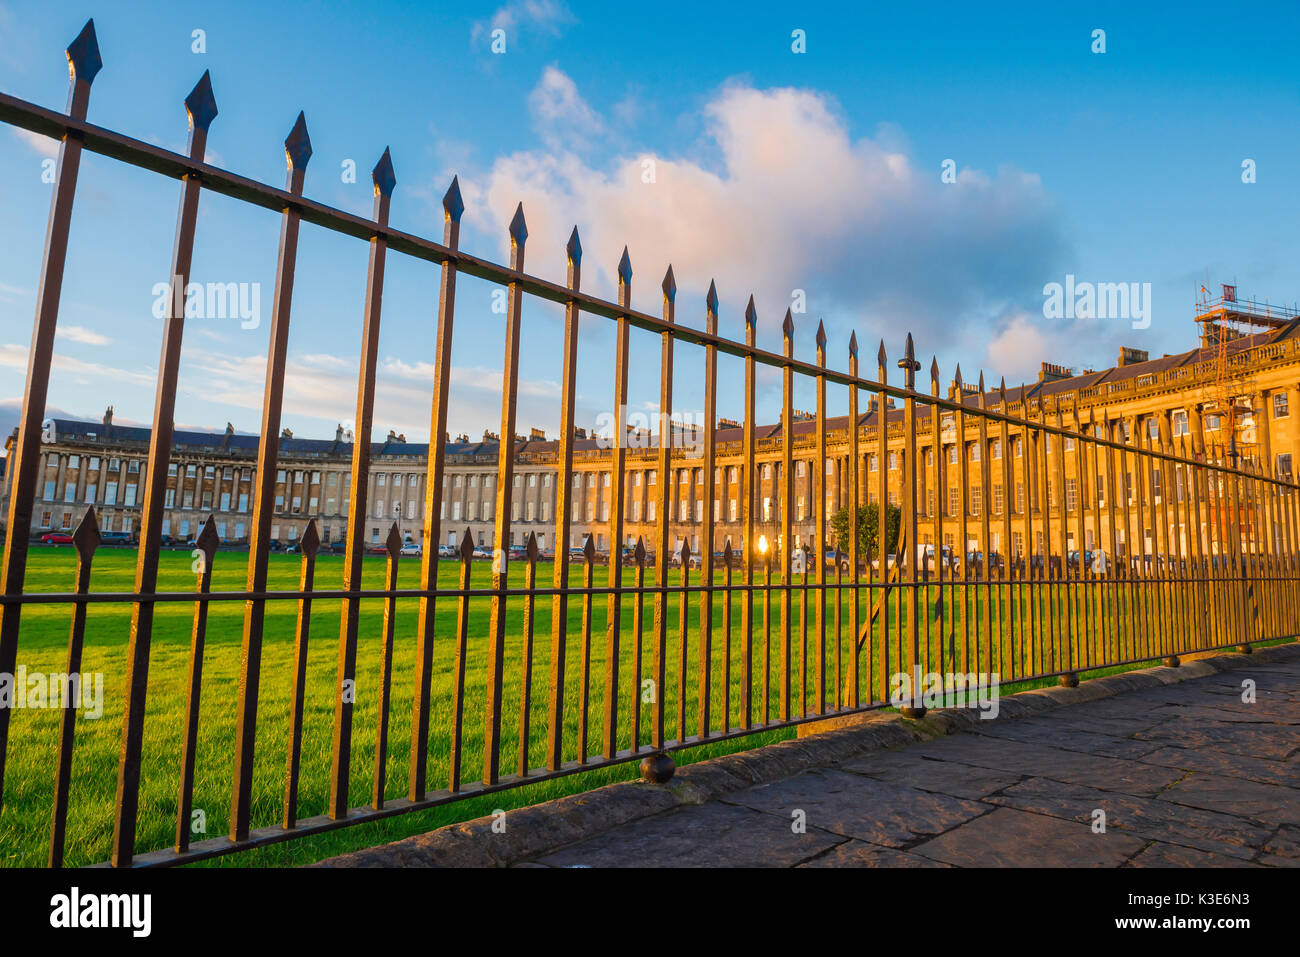 Royal Crescent, Badewanne, Blick durch die Eisenstangen des Royal Crescent und sein Park im Zentrum von Bath, England, UK. Stockbild